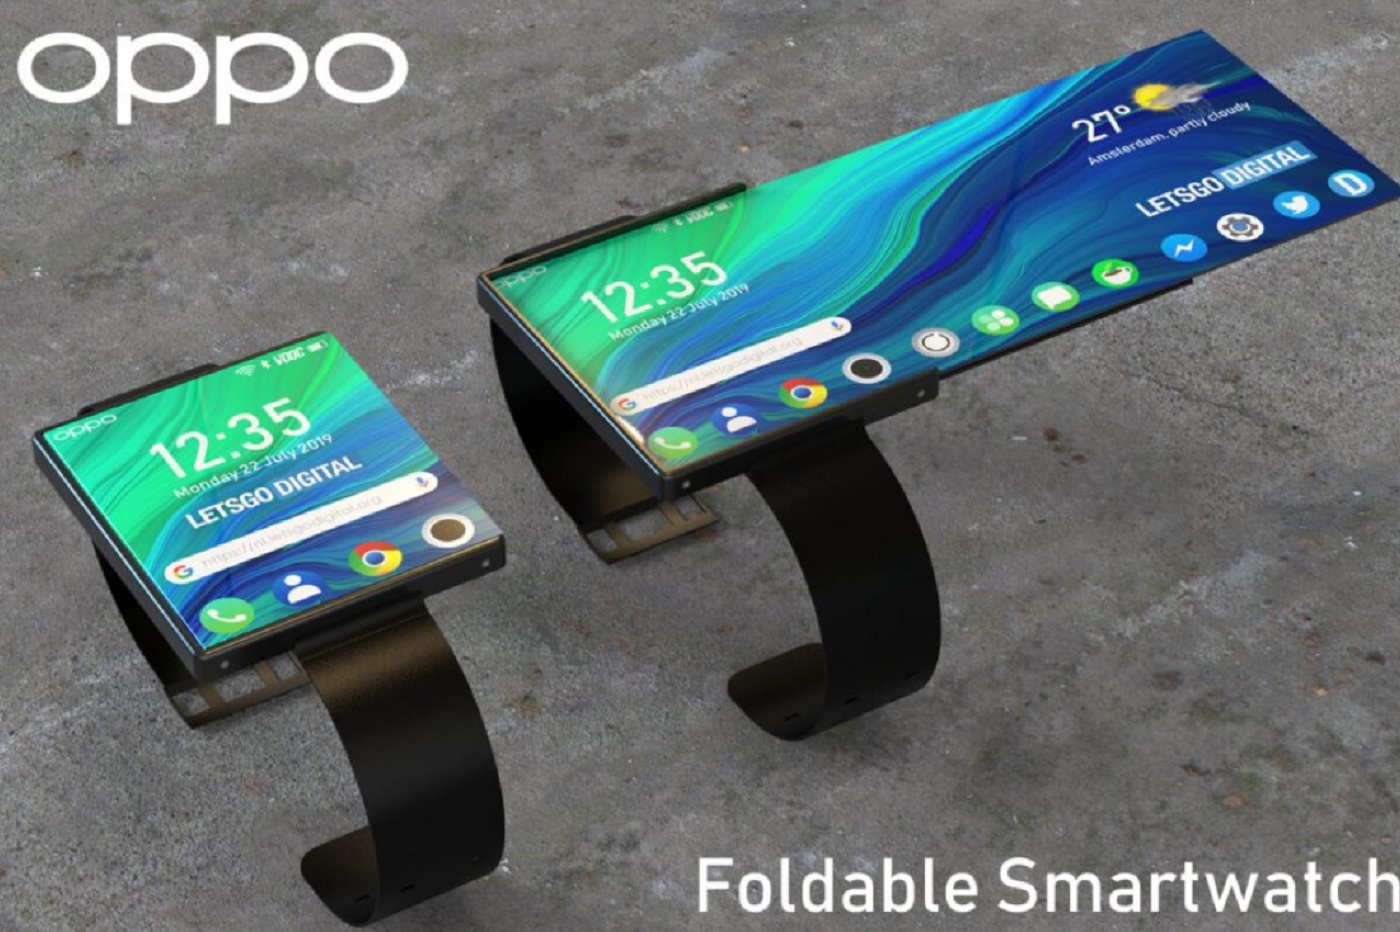 La smartwatch à écran pliable d'OPPO